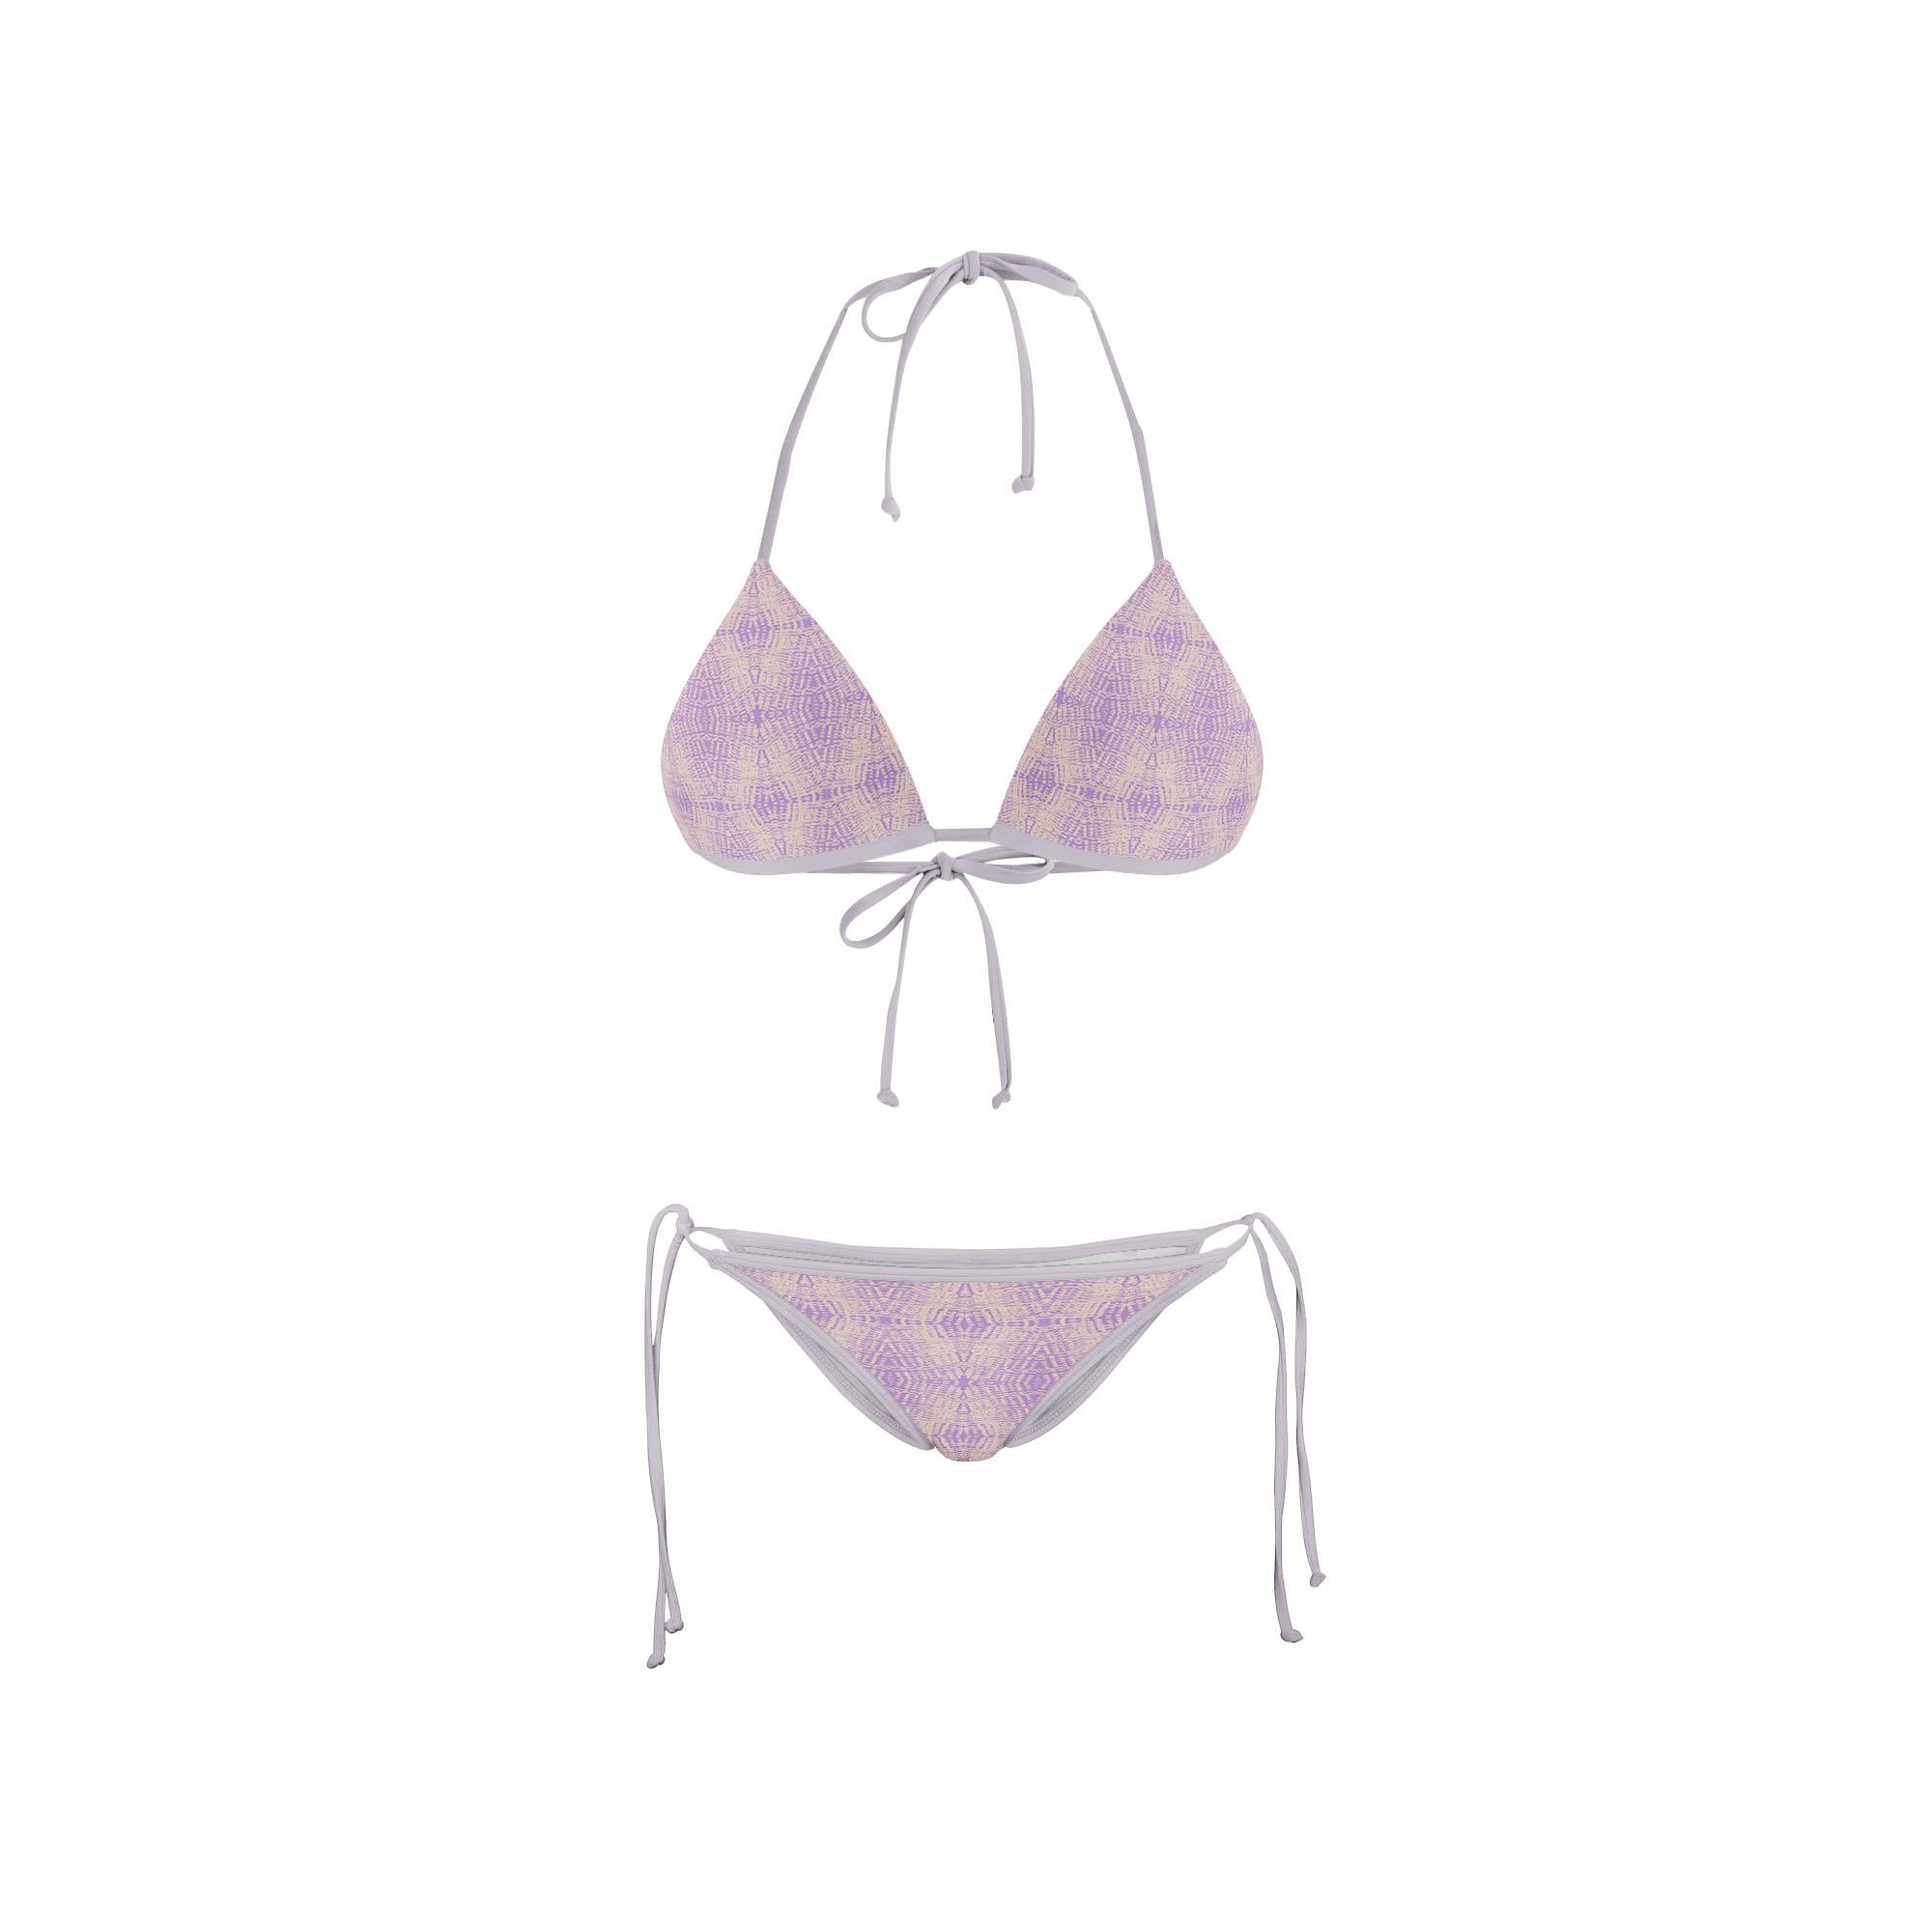 Bikini Front retro purple abstract no background